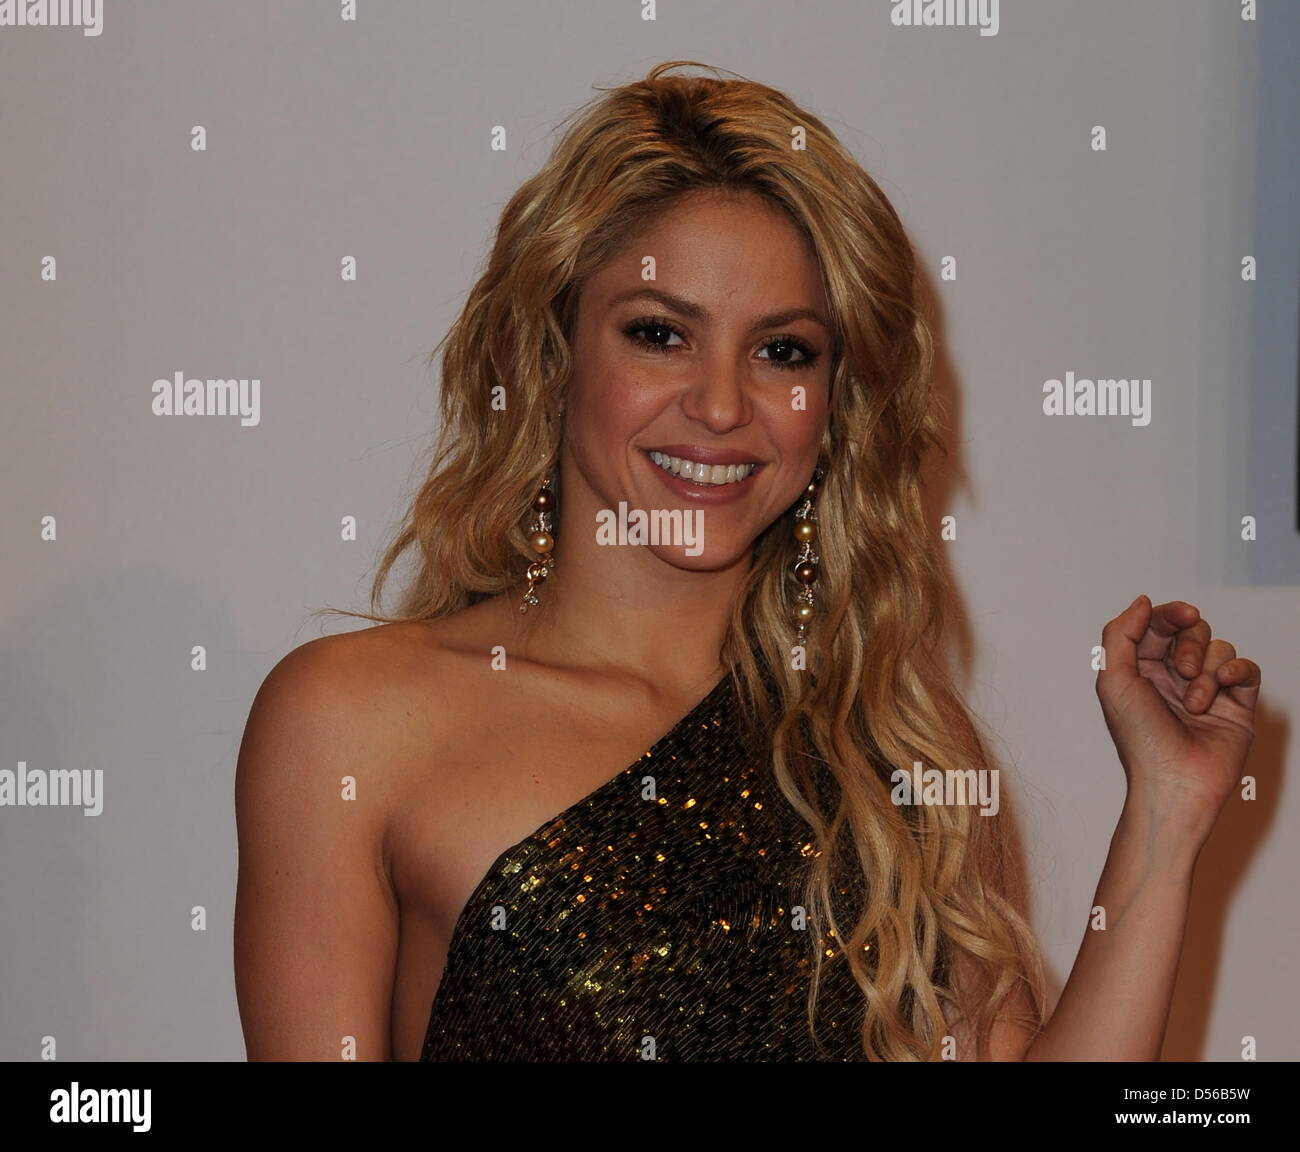 Watch 11. Shakira video